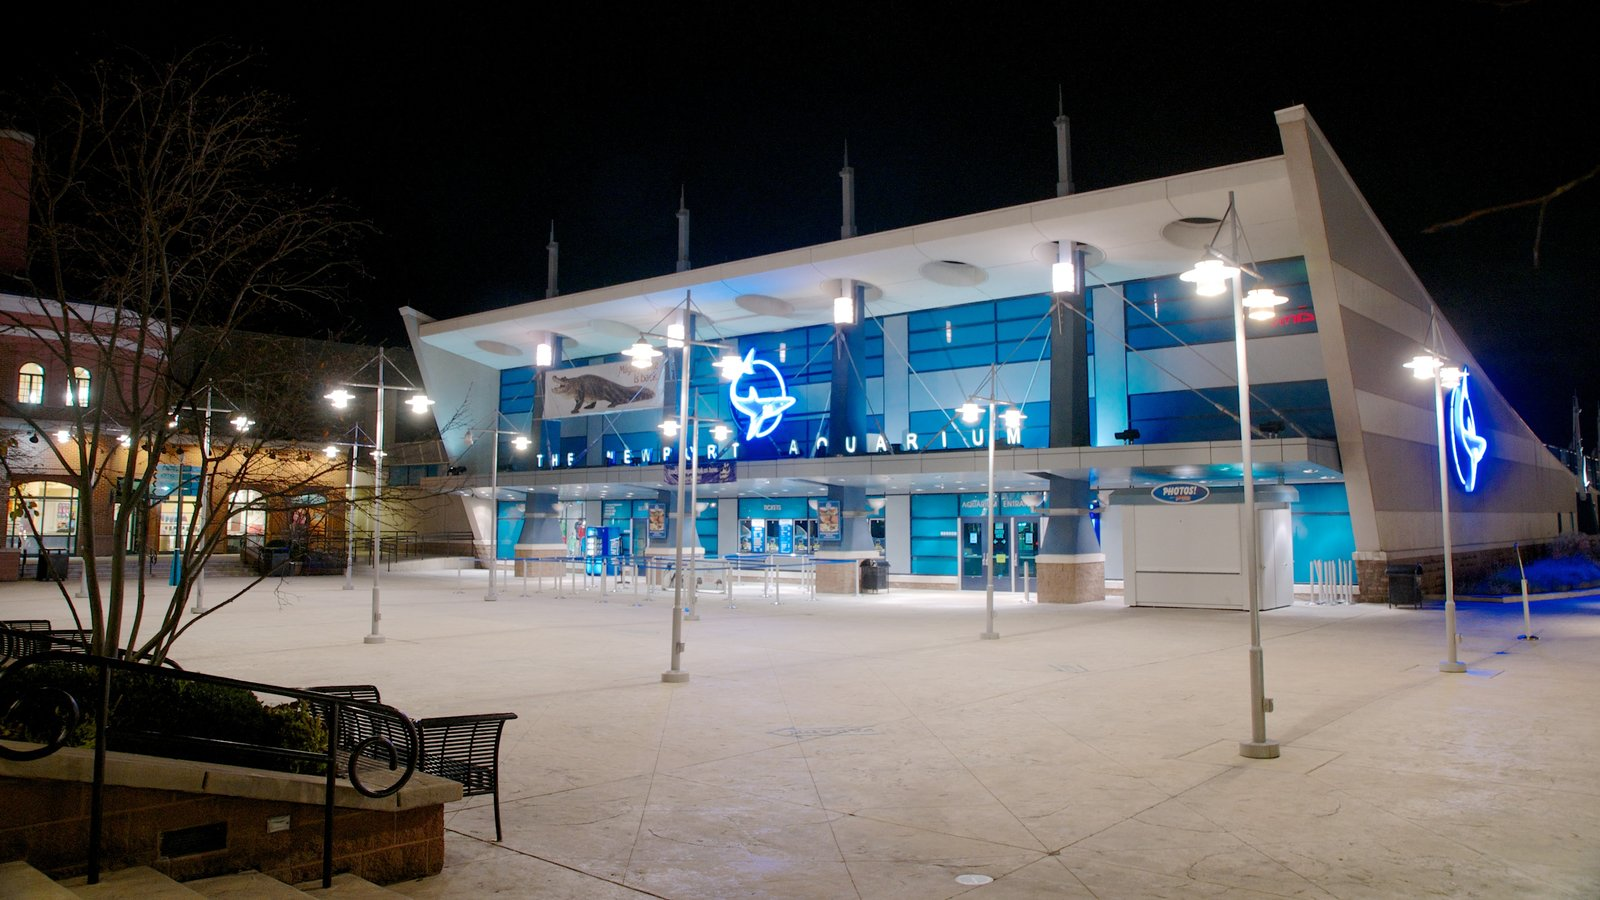 Newport Aquarium mostrando cenas noturnas e vida marinha